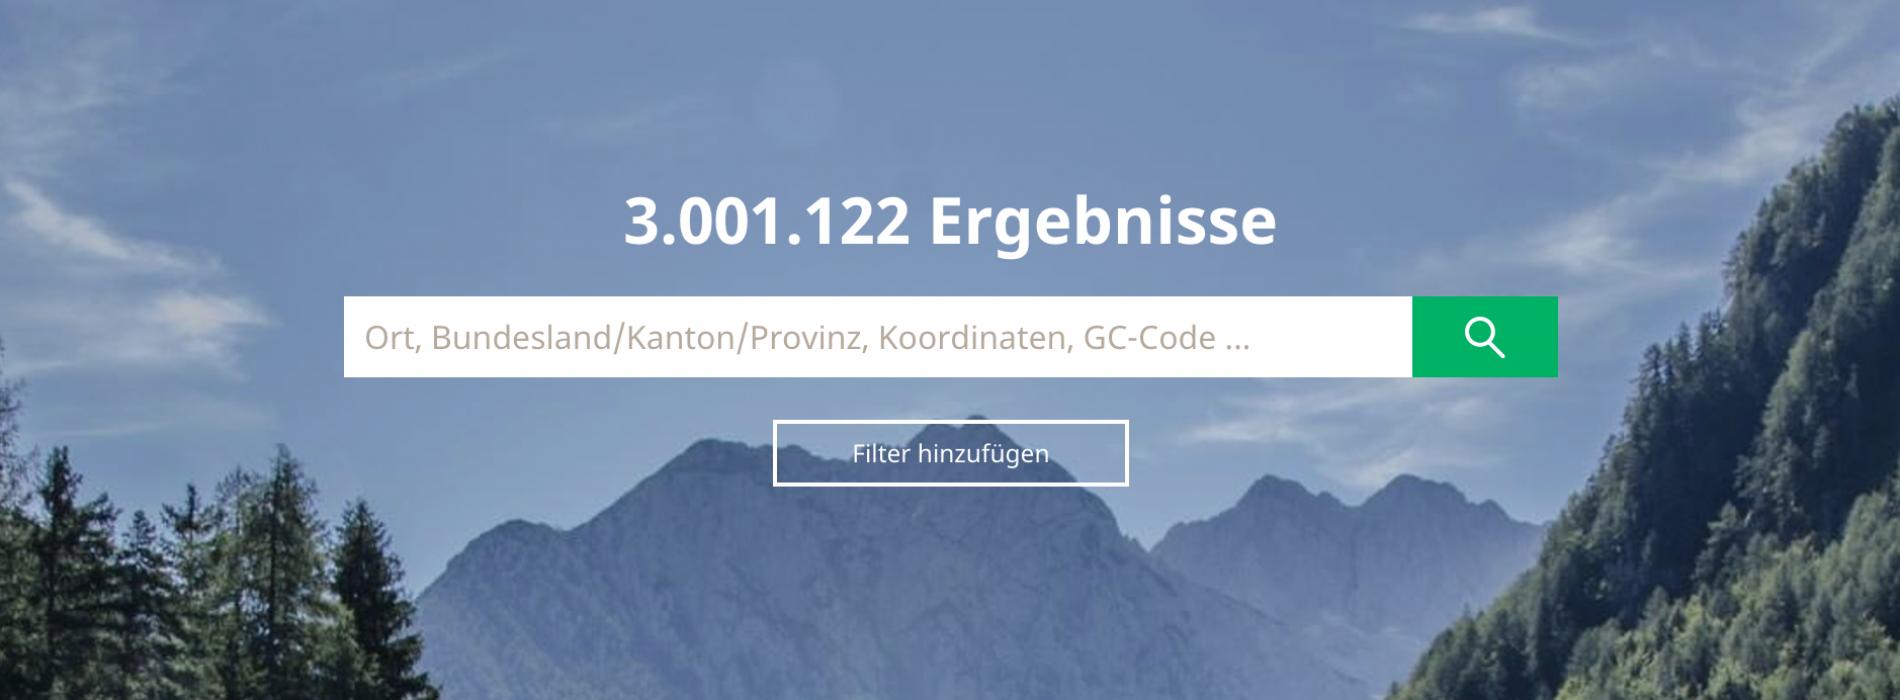 Wer cached wo? Glückwunsch zum 3 Millionsten Geocache weltweit!